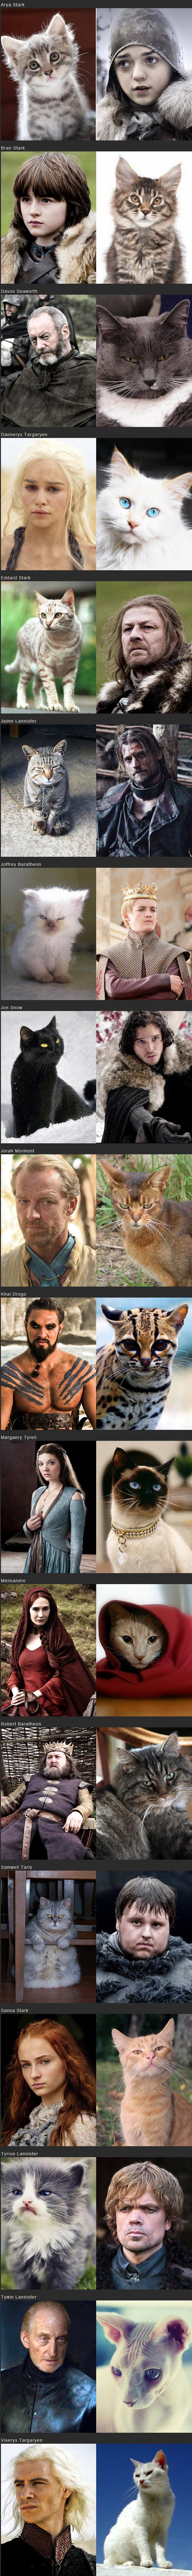 תמונות ויראליות: כוכבי משחקי הכס כחתולים